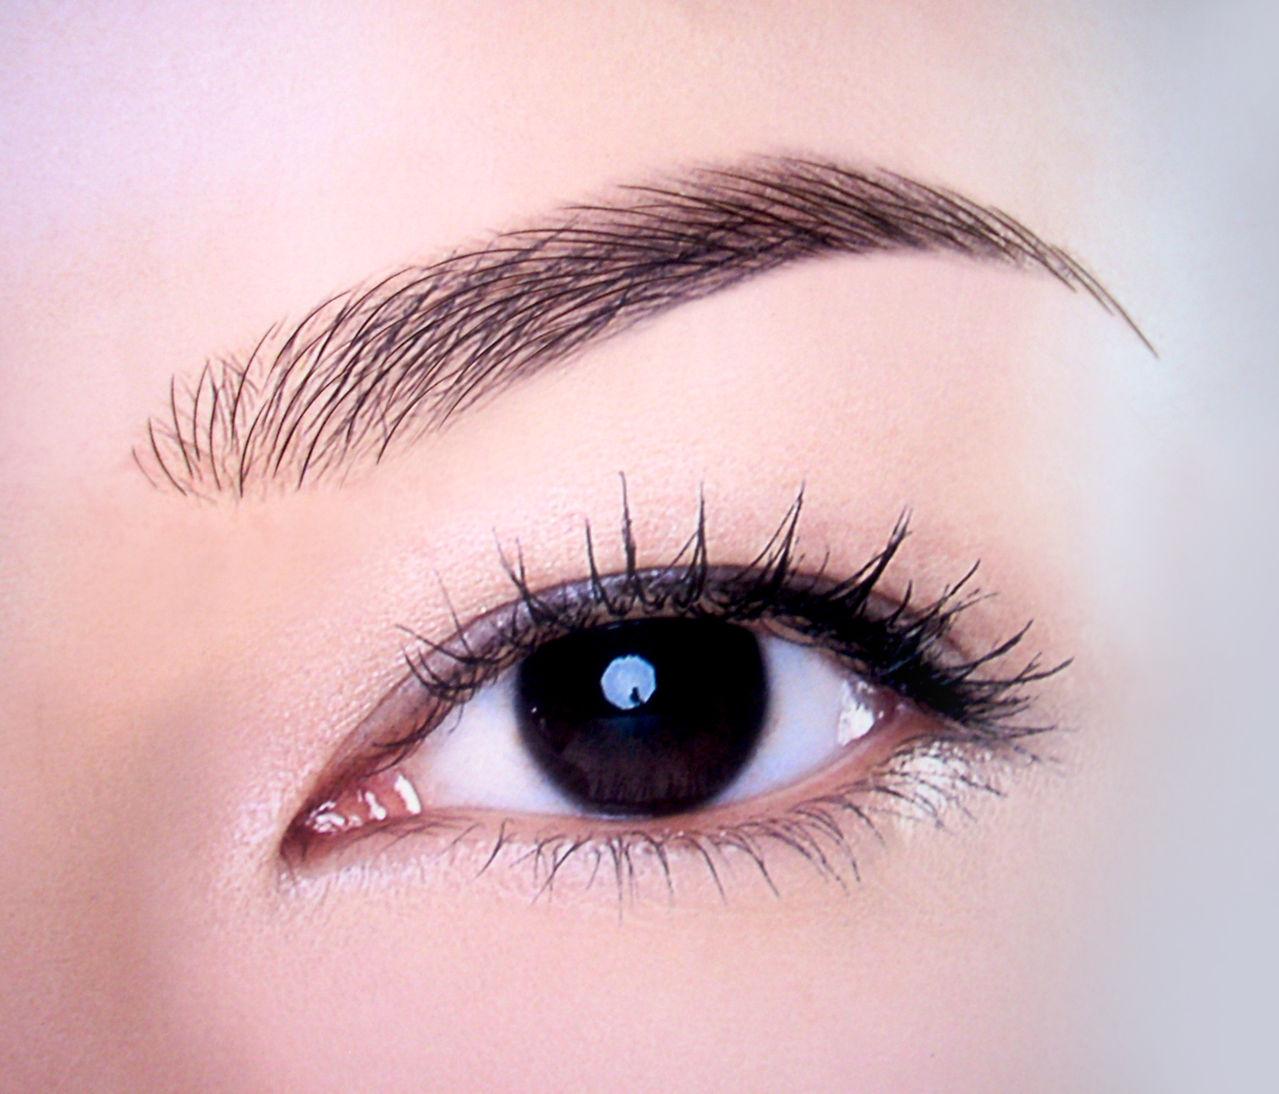 これで完璧!美人になれる眉頭の書き方&整え方について覚えましょうのサムネイル画像